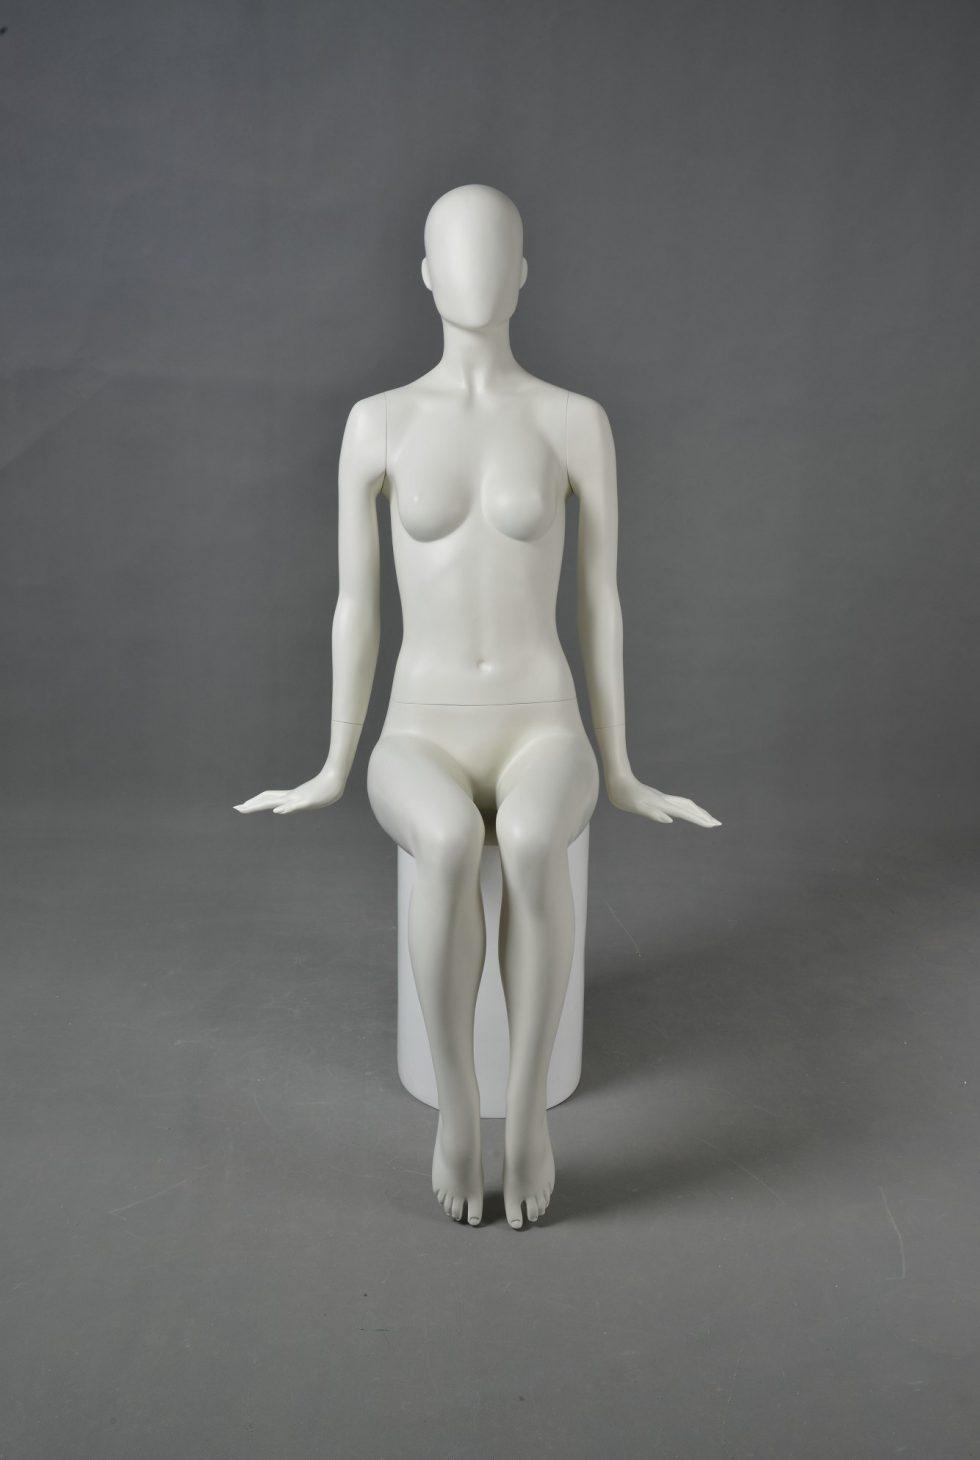 manichino donna stilizzato seduto